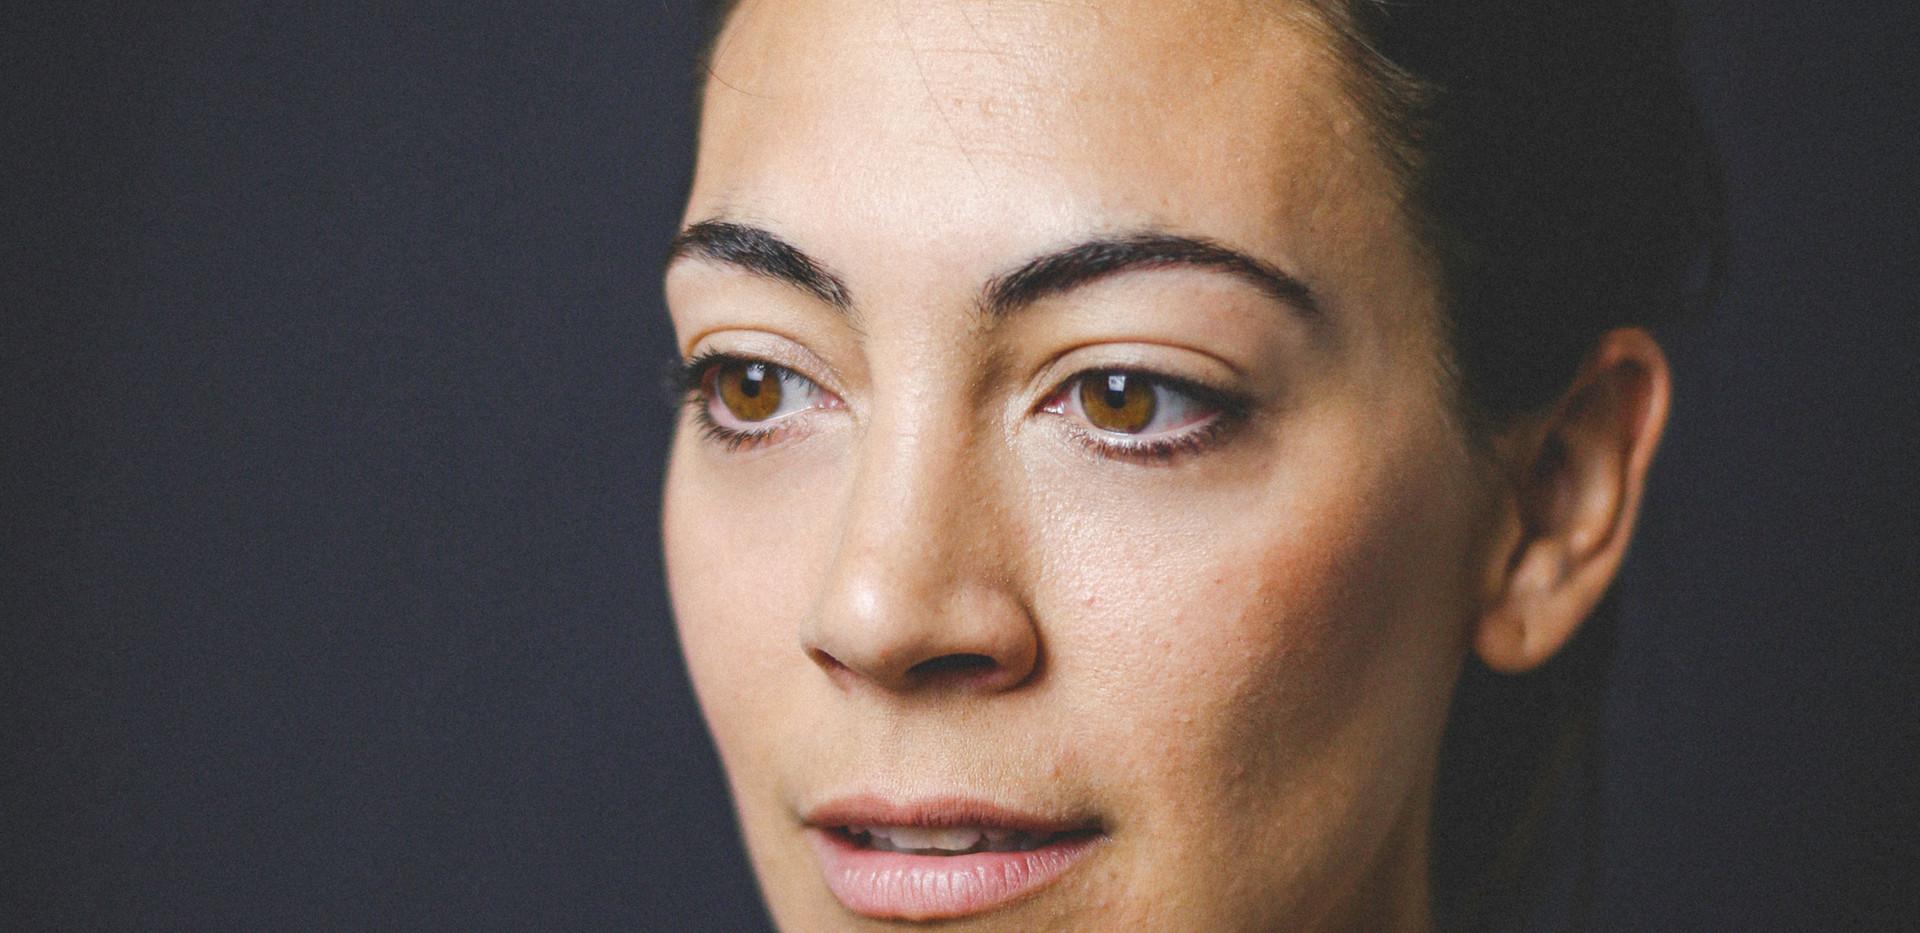 Bárbara Rivas 10 by Asier Corera